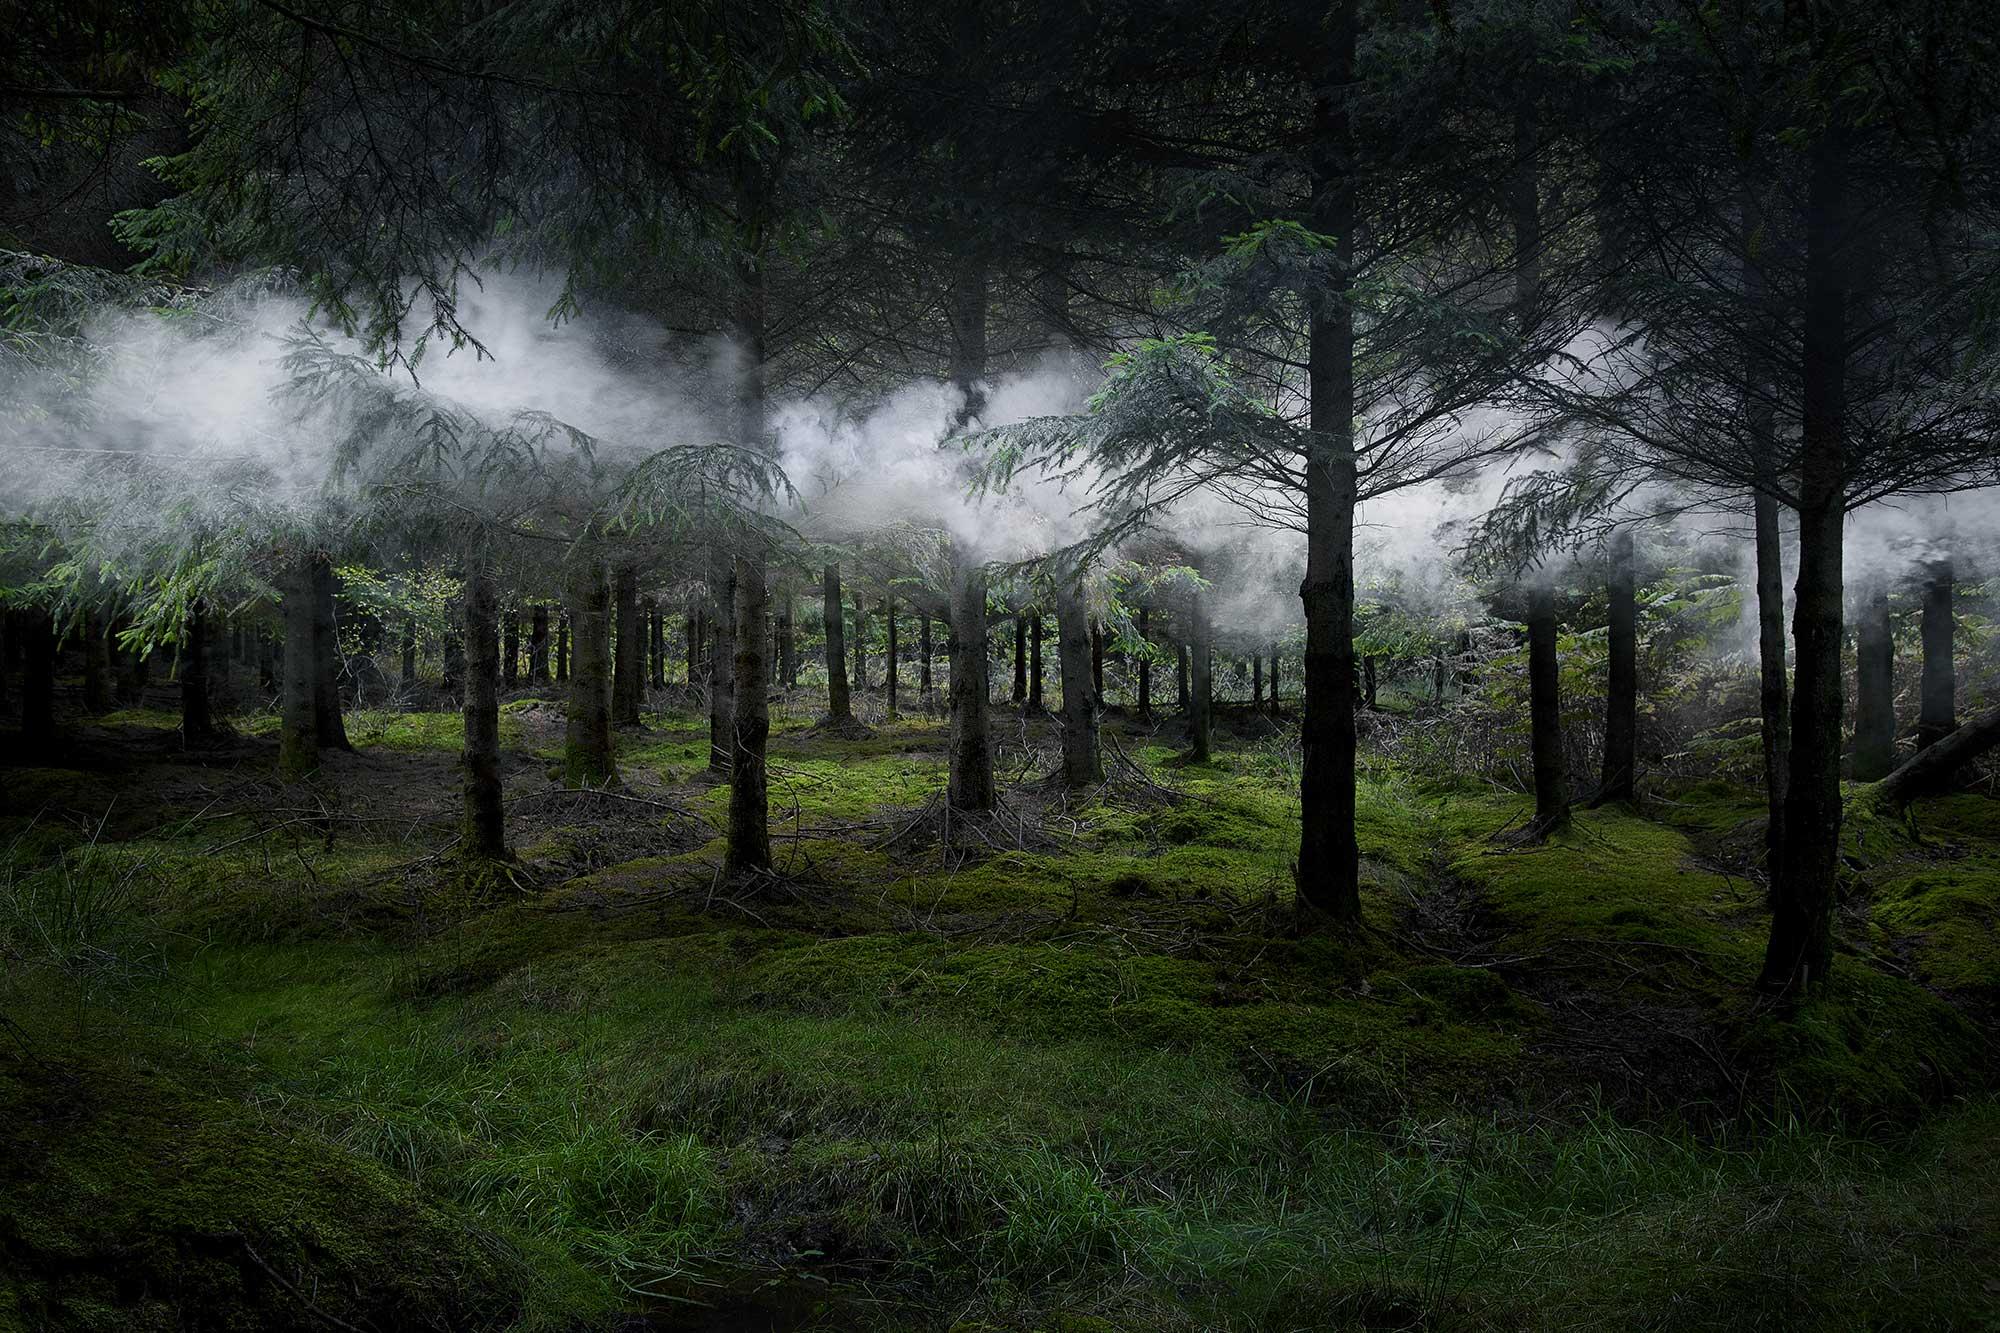 Between-the-Trees-3-2014.jpg